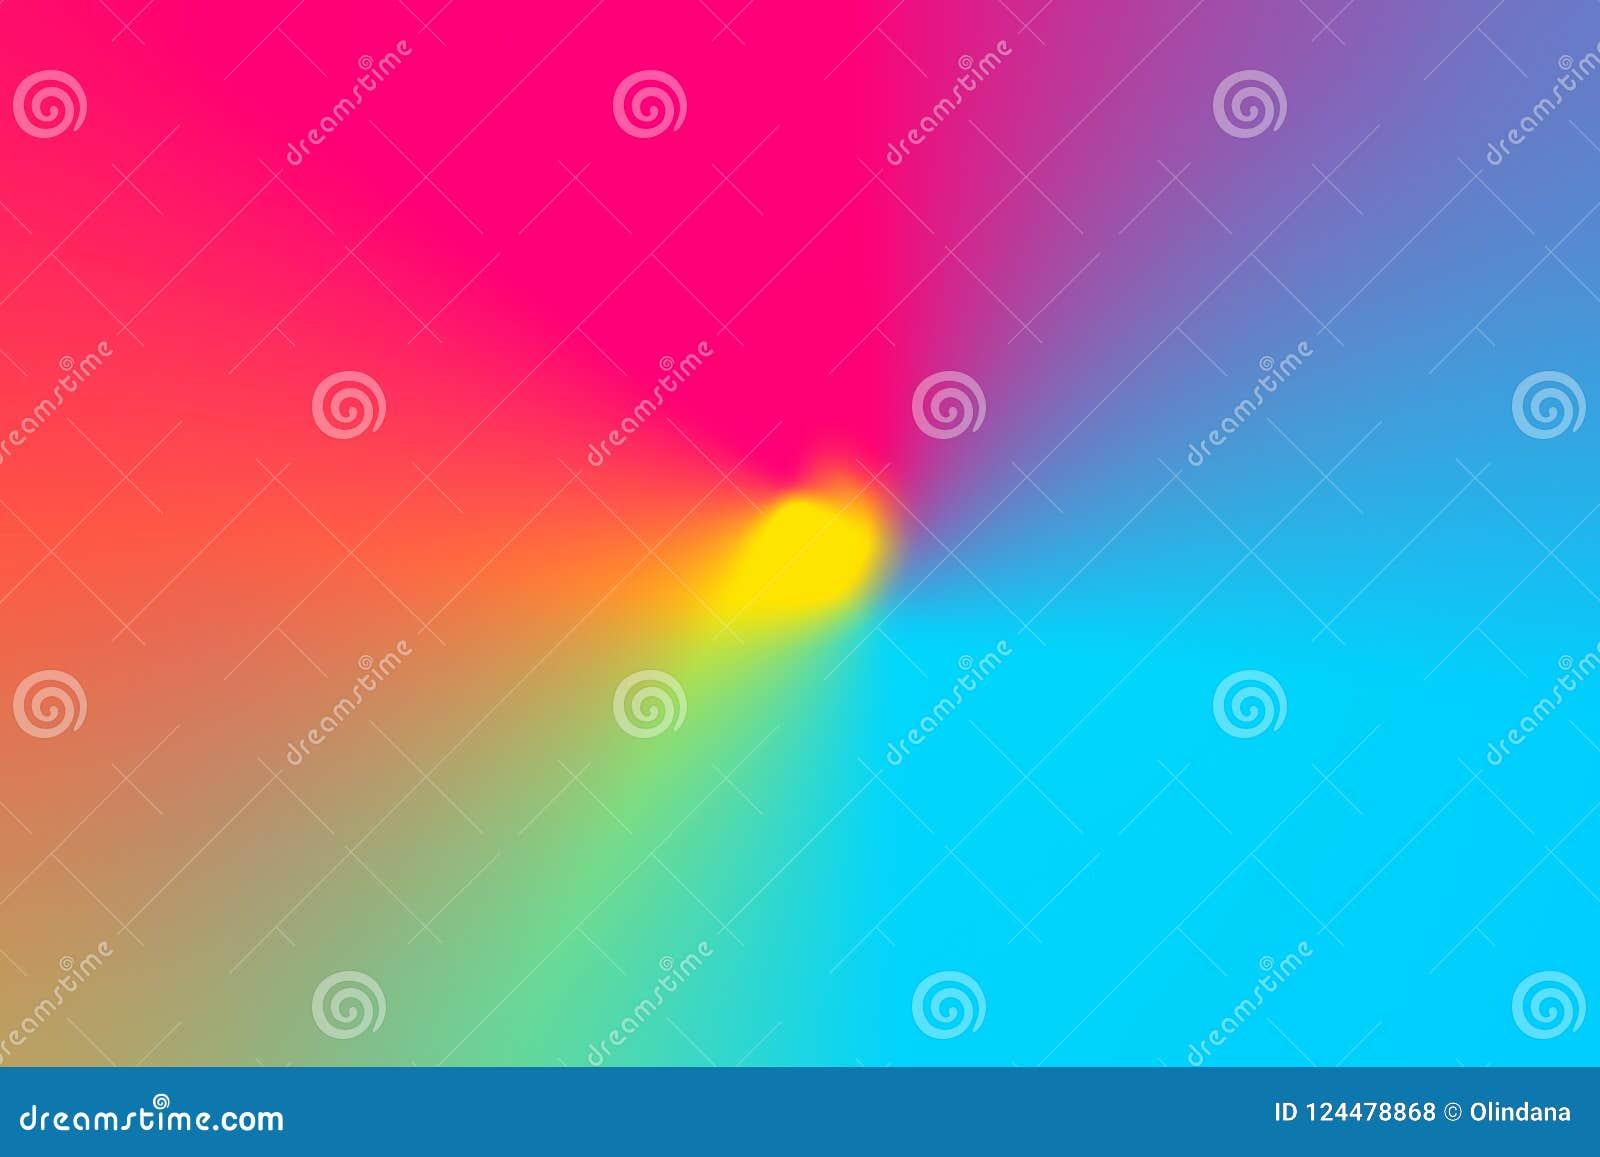 抽象梯度弄脏了多彩多姿的彩虹光光谱辐形背景 辐形同心样式 生动的霓虹颜色